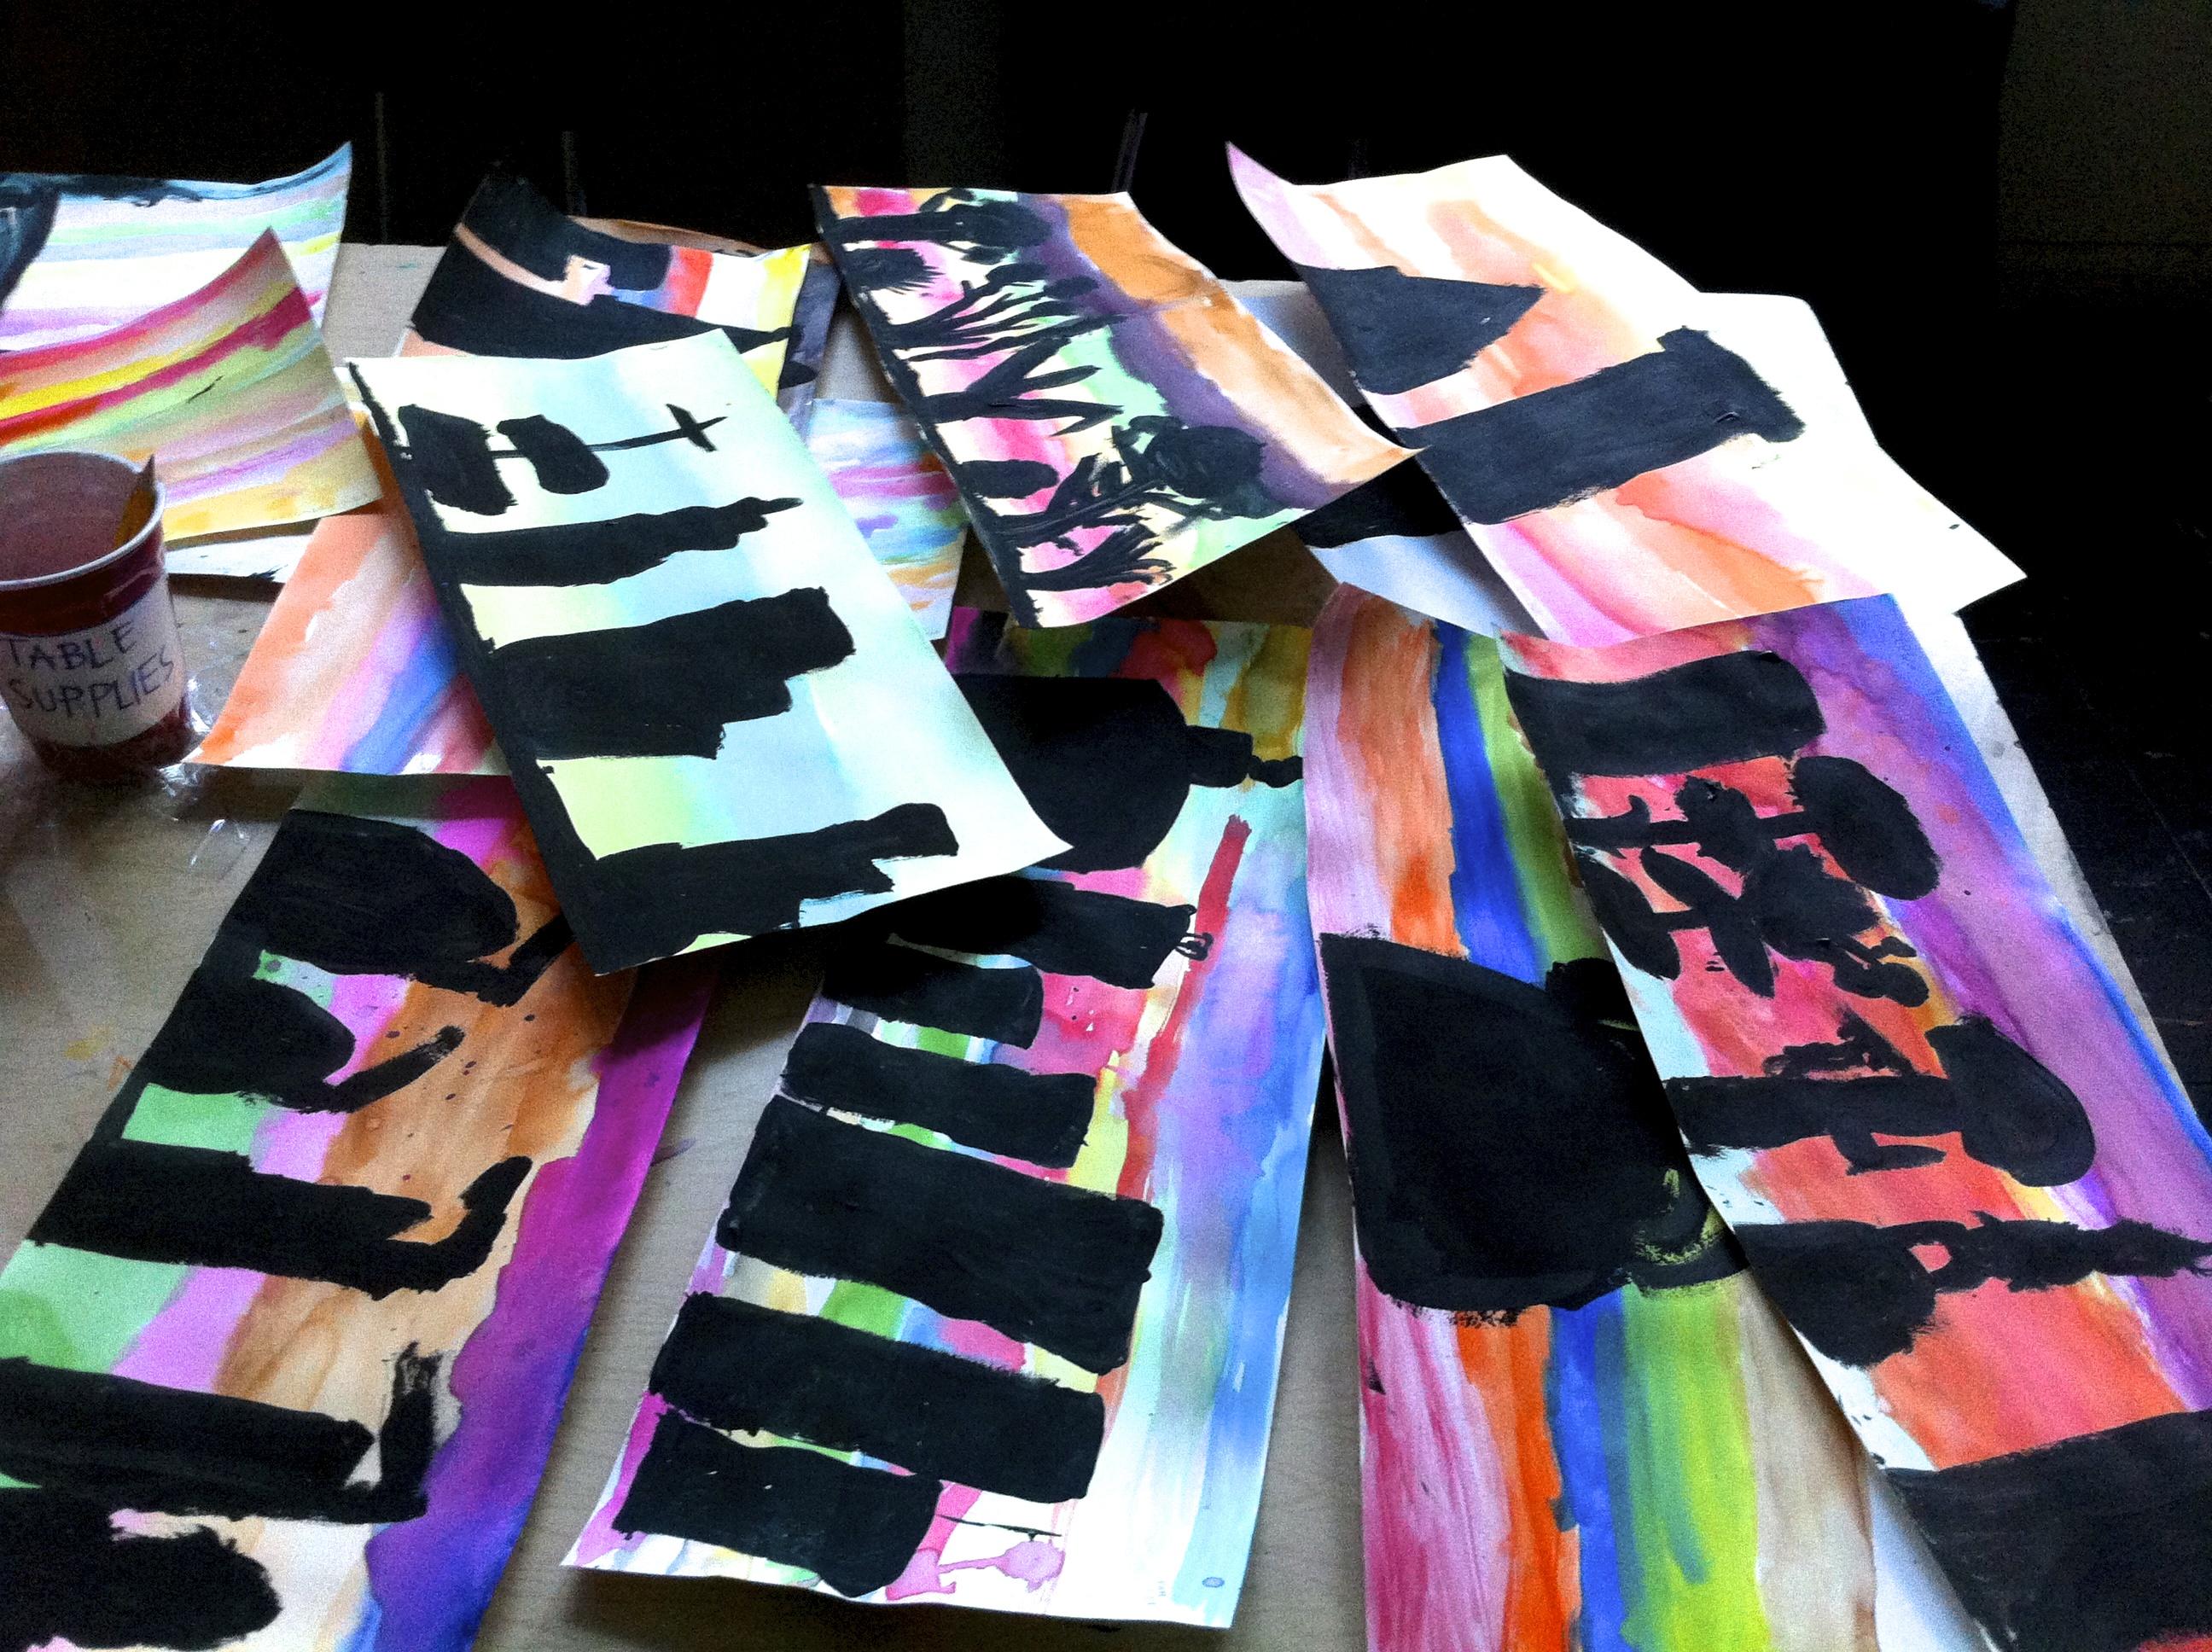 Cityscapes/Skylines. Mixed media, watercolors/acrylic. (Grades 3-4)